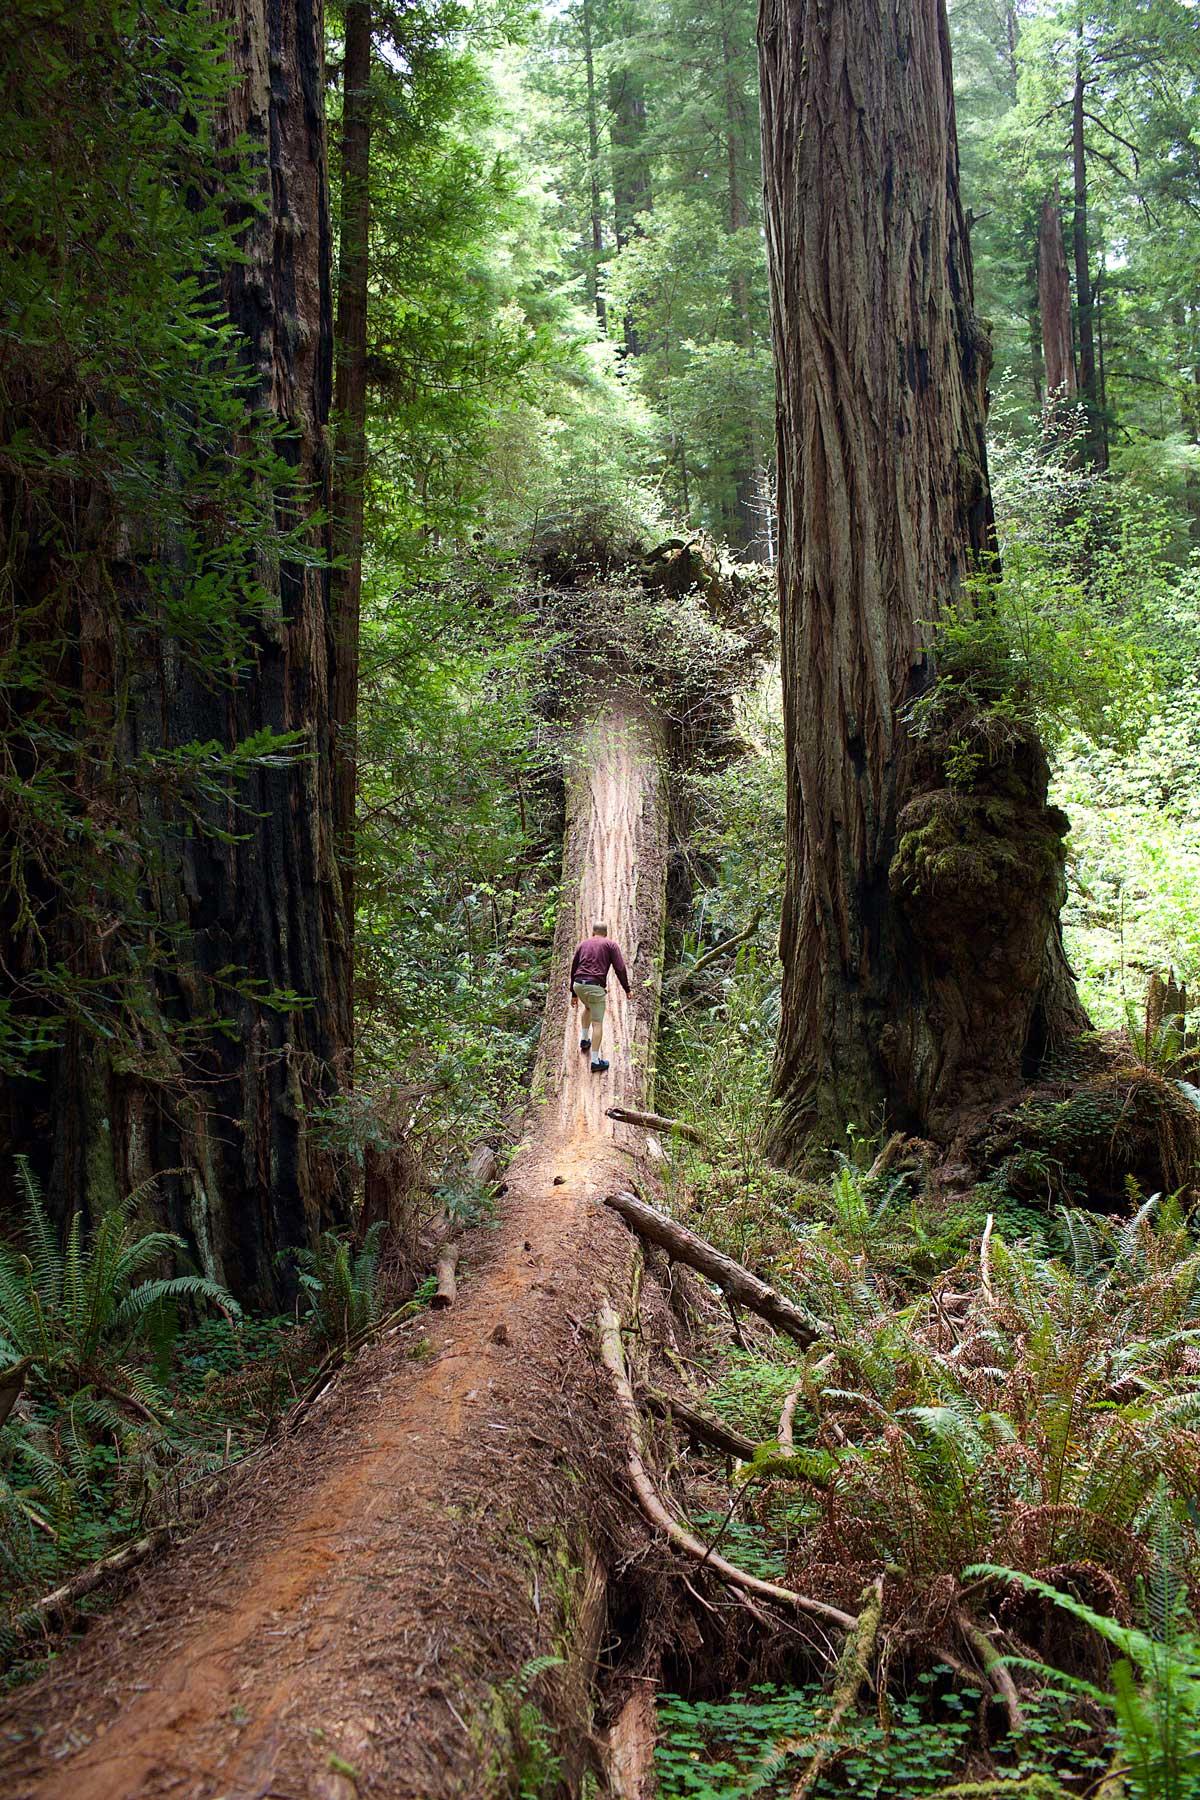 Punapuut ovat maailman vanhimpia ja suurimpia puita. Luonnollisia punapuumetsiä on ainoastaan Etelä-Oregonissa ja Pohjois-Kaliforniassa. (c) Noora Mattila / tripsteri.fi